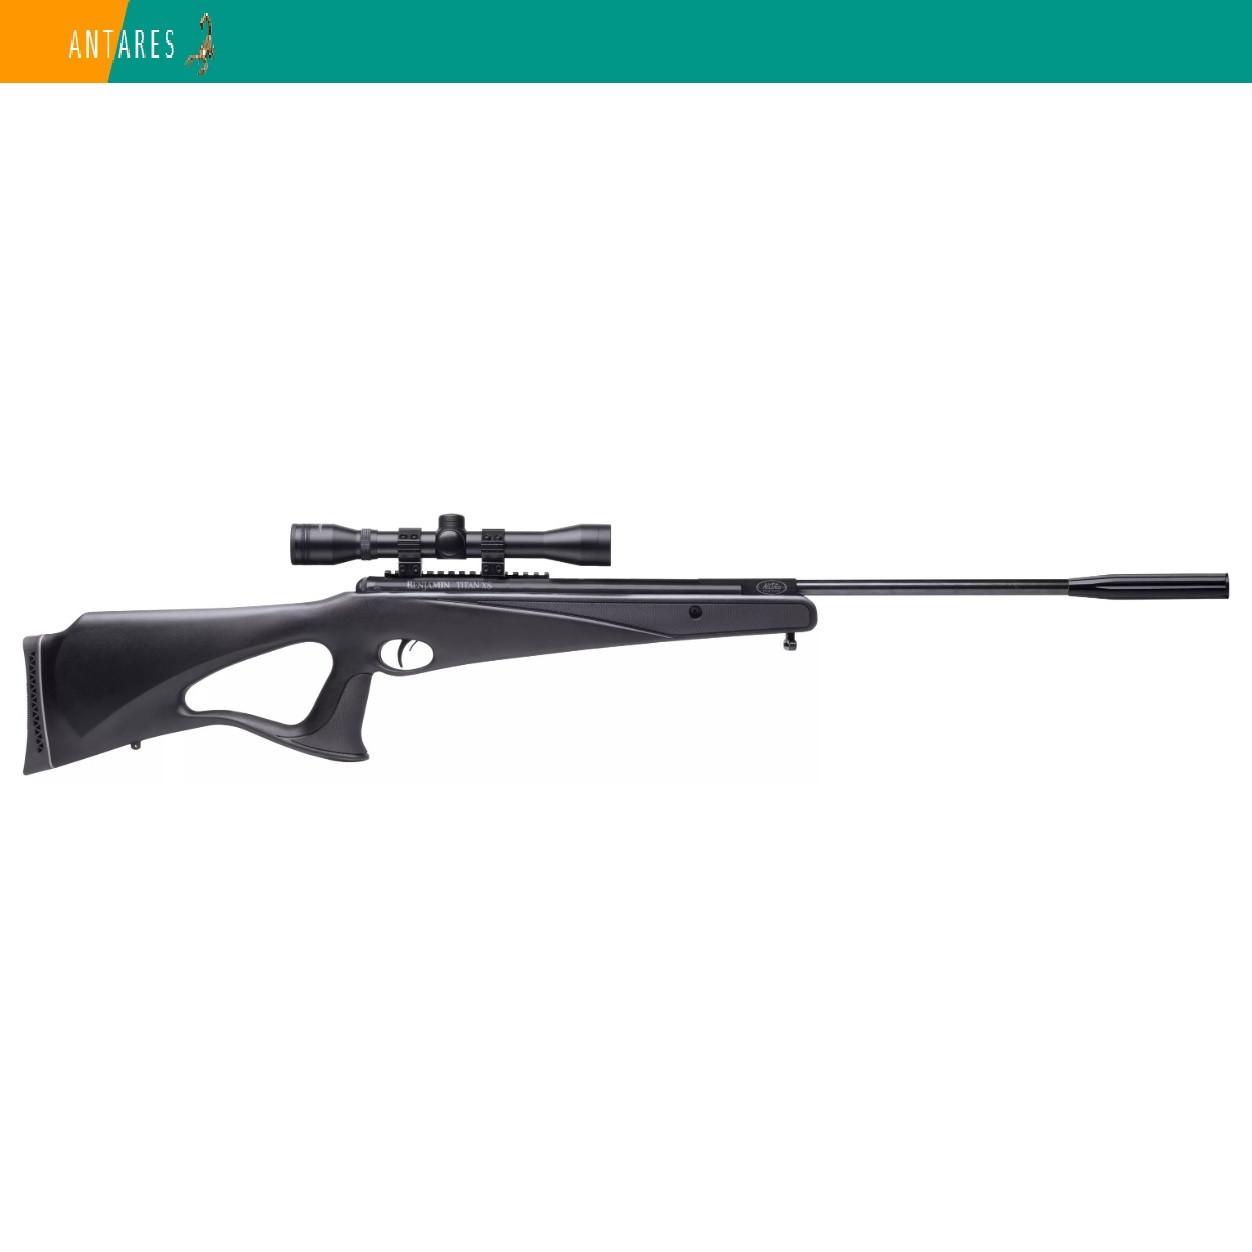 Пневматическая винтовка Crosman Benjamin Titan XS RM 9-32091 с ОП 3-9×32 газовая пружина 305 м/с